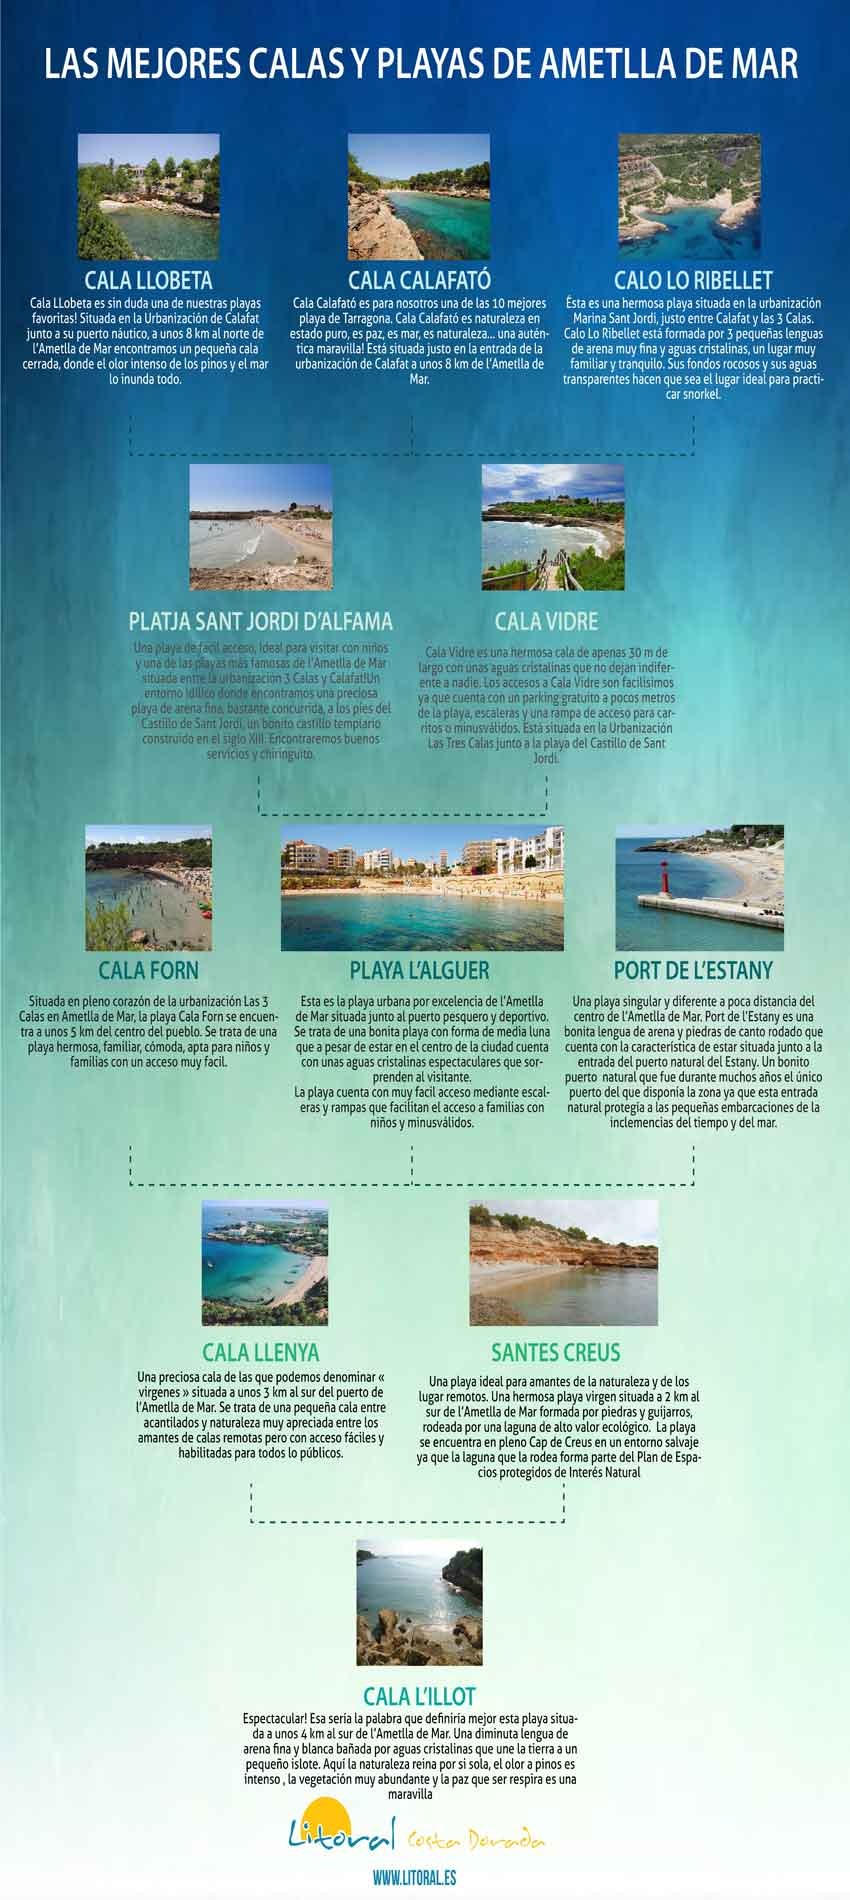 guia de las mejores playas de ametlla de mar